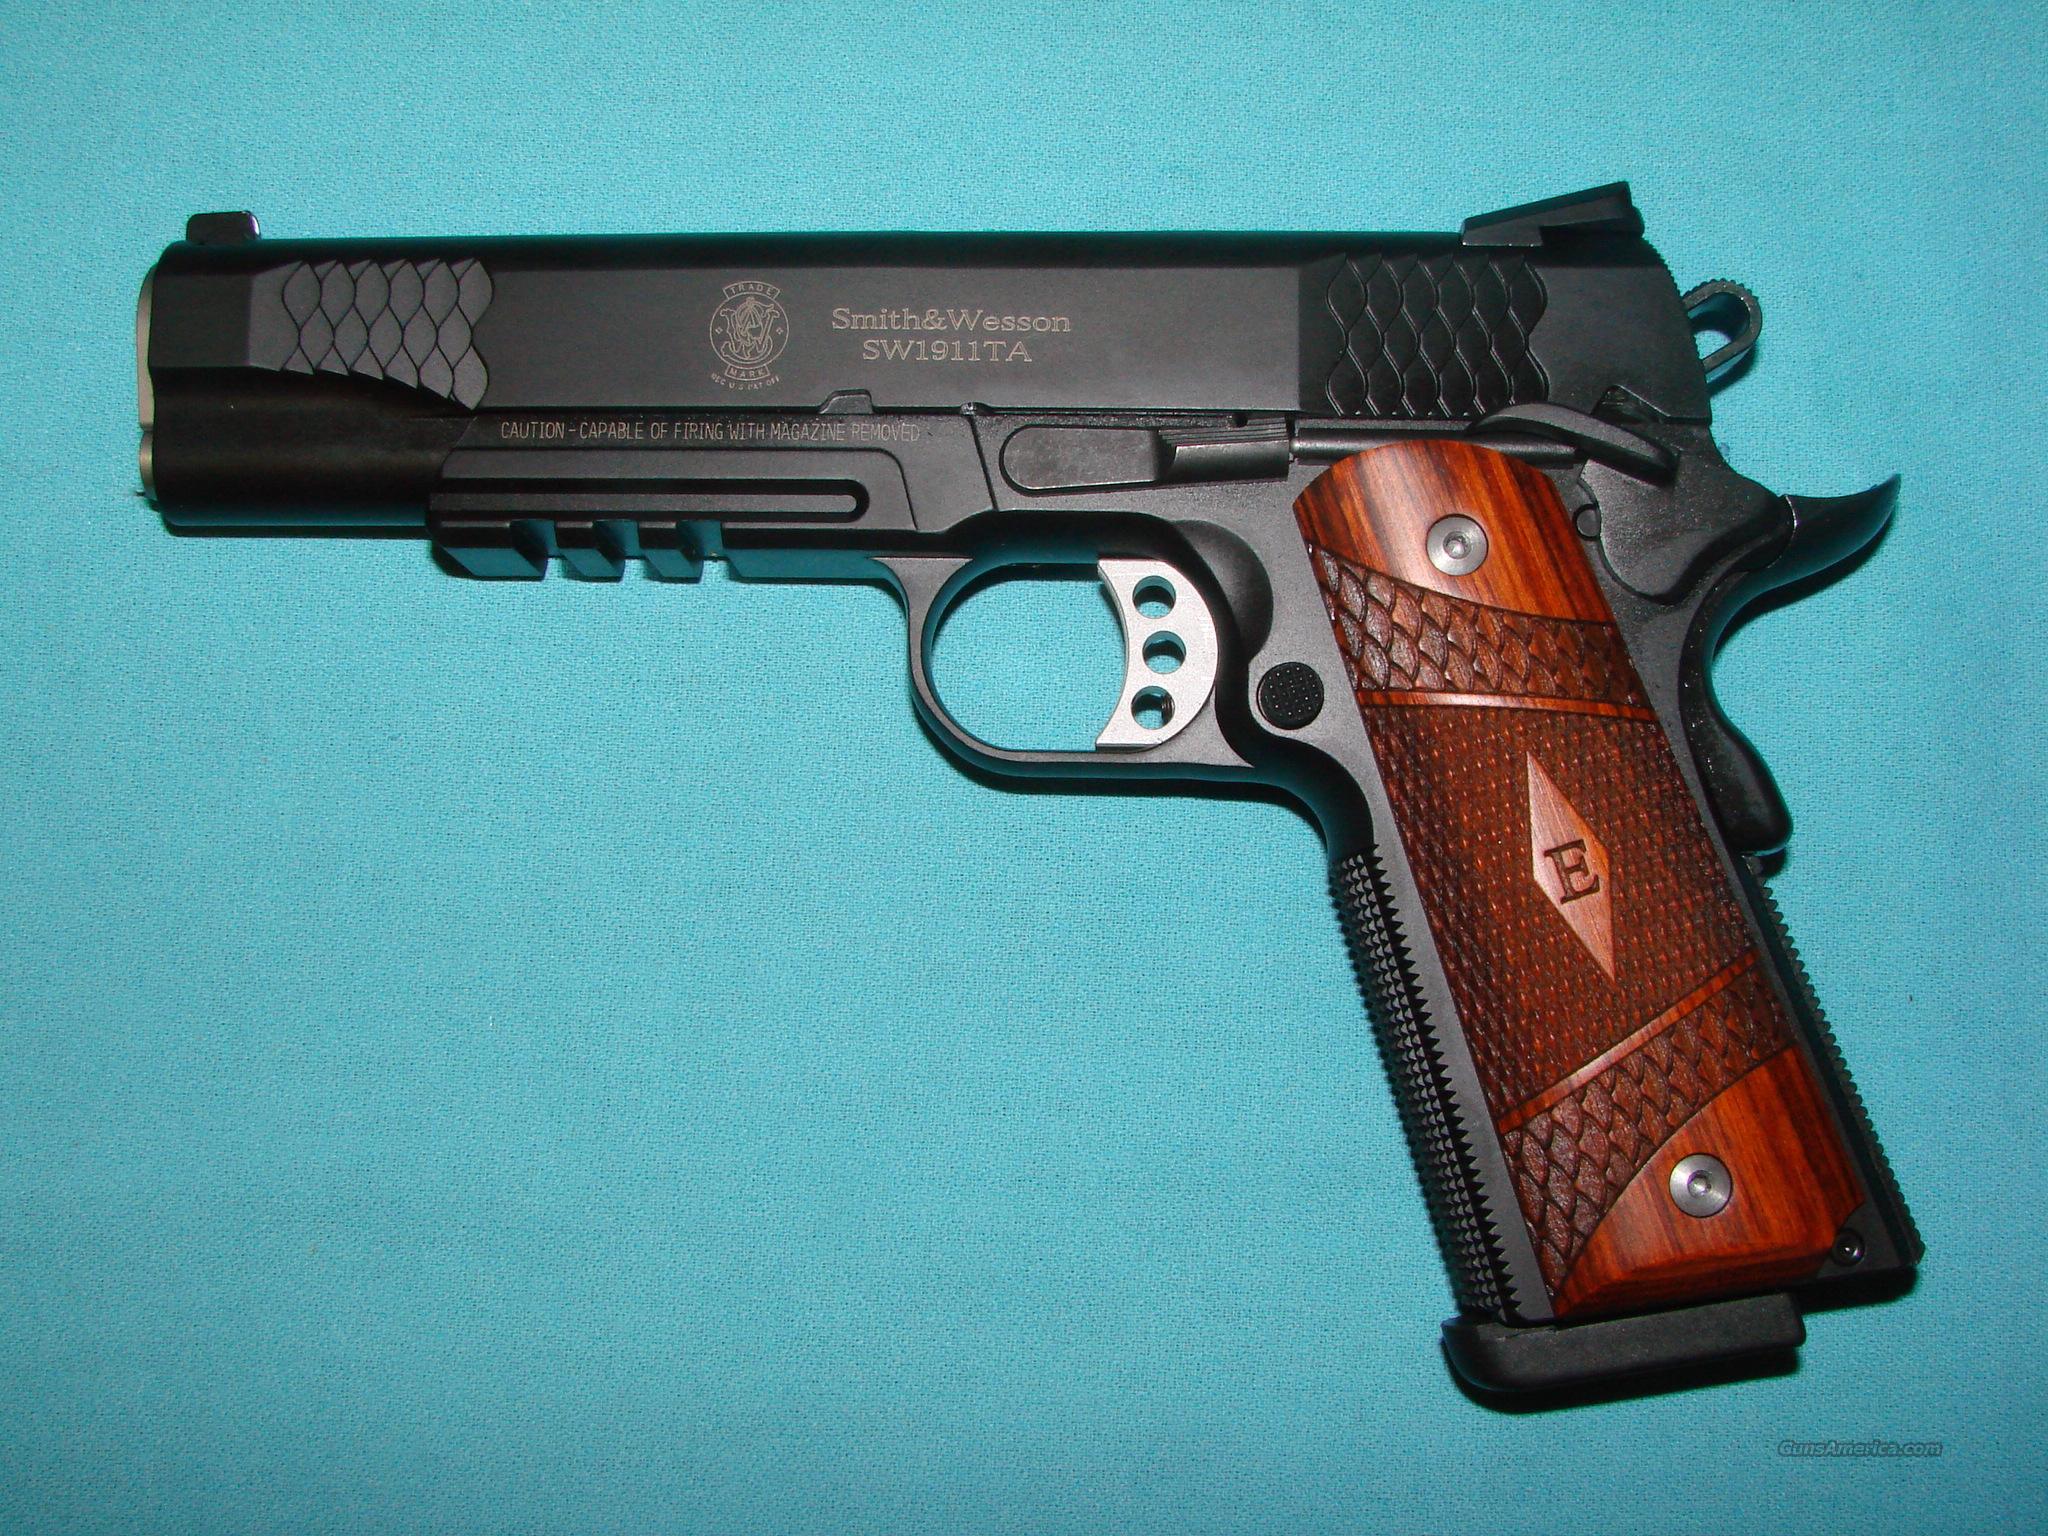 Smith& Wesson 1911TA E series  Guns > Pistols > Smith & Wesson Pistols - Autos > Steel Frame